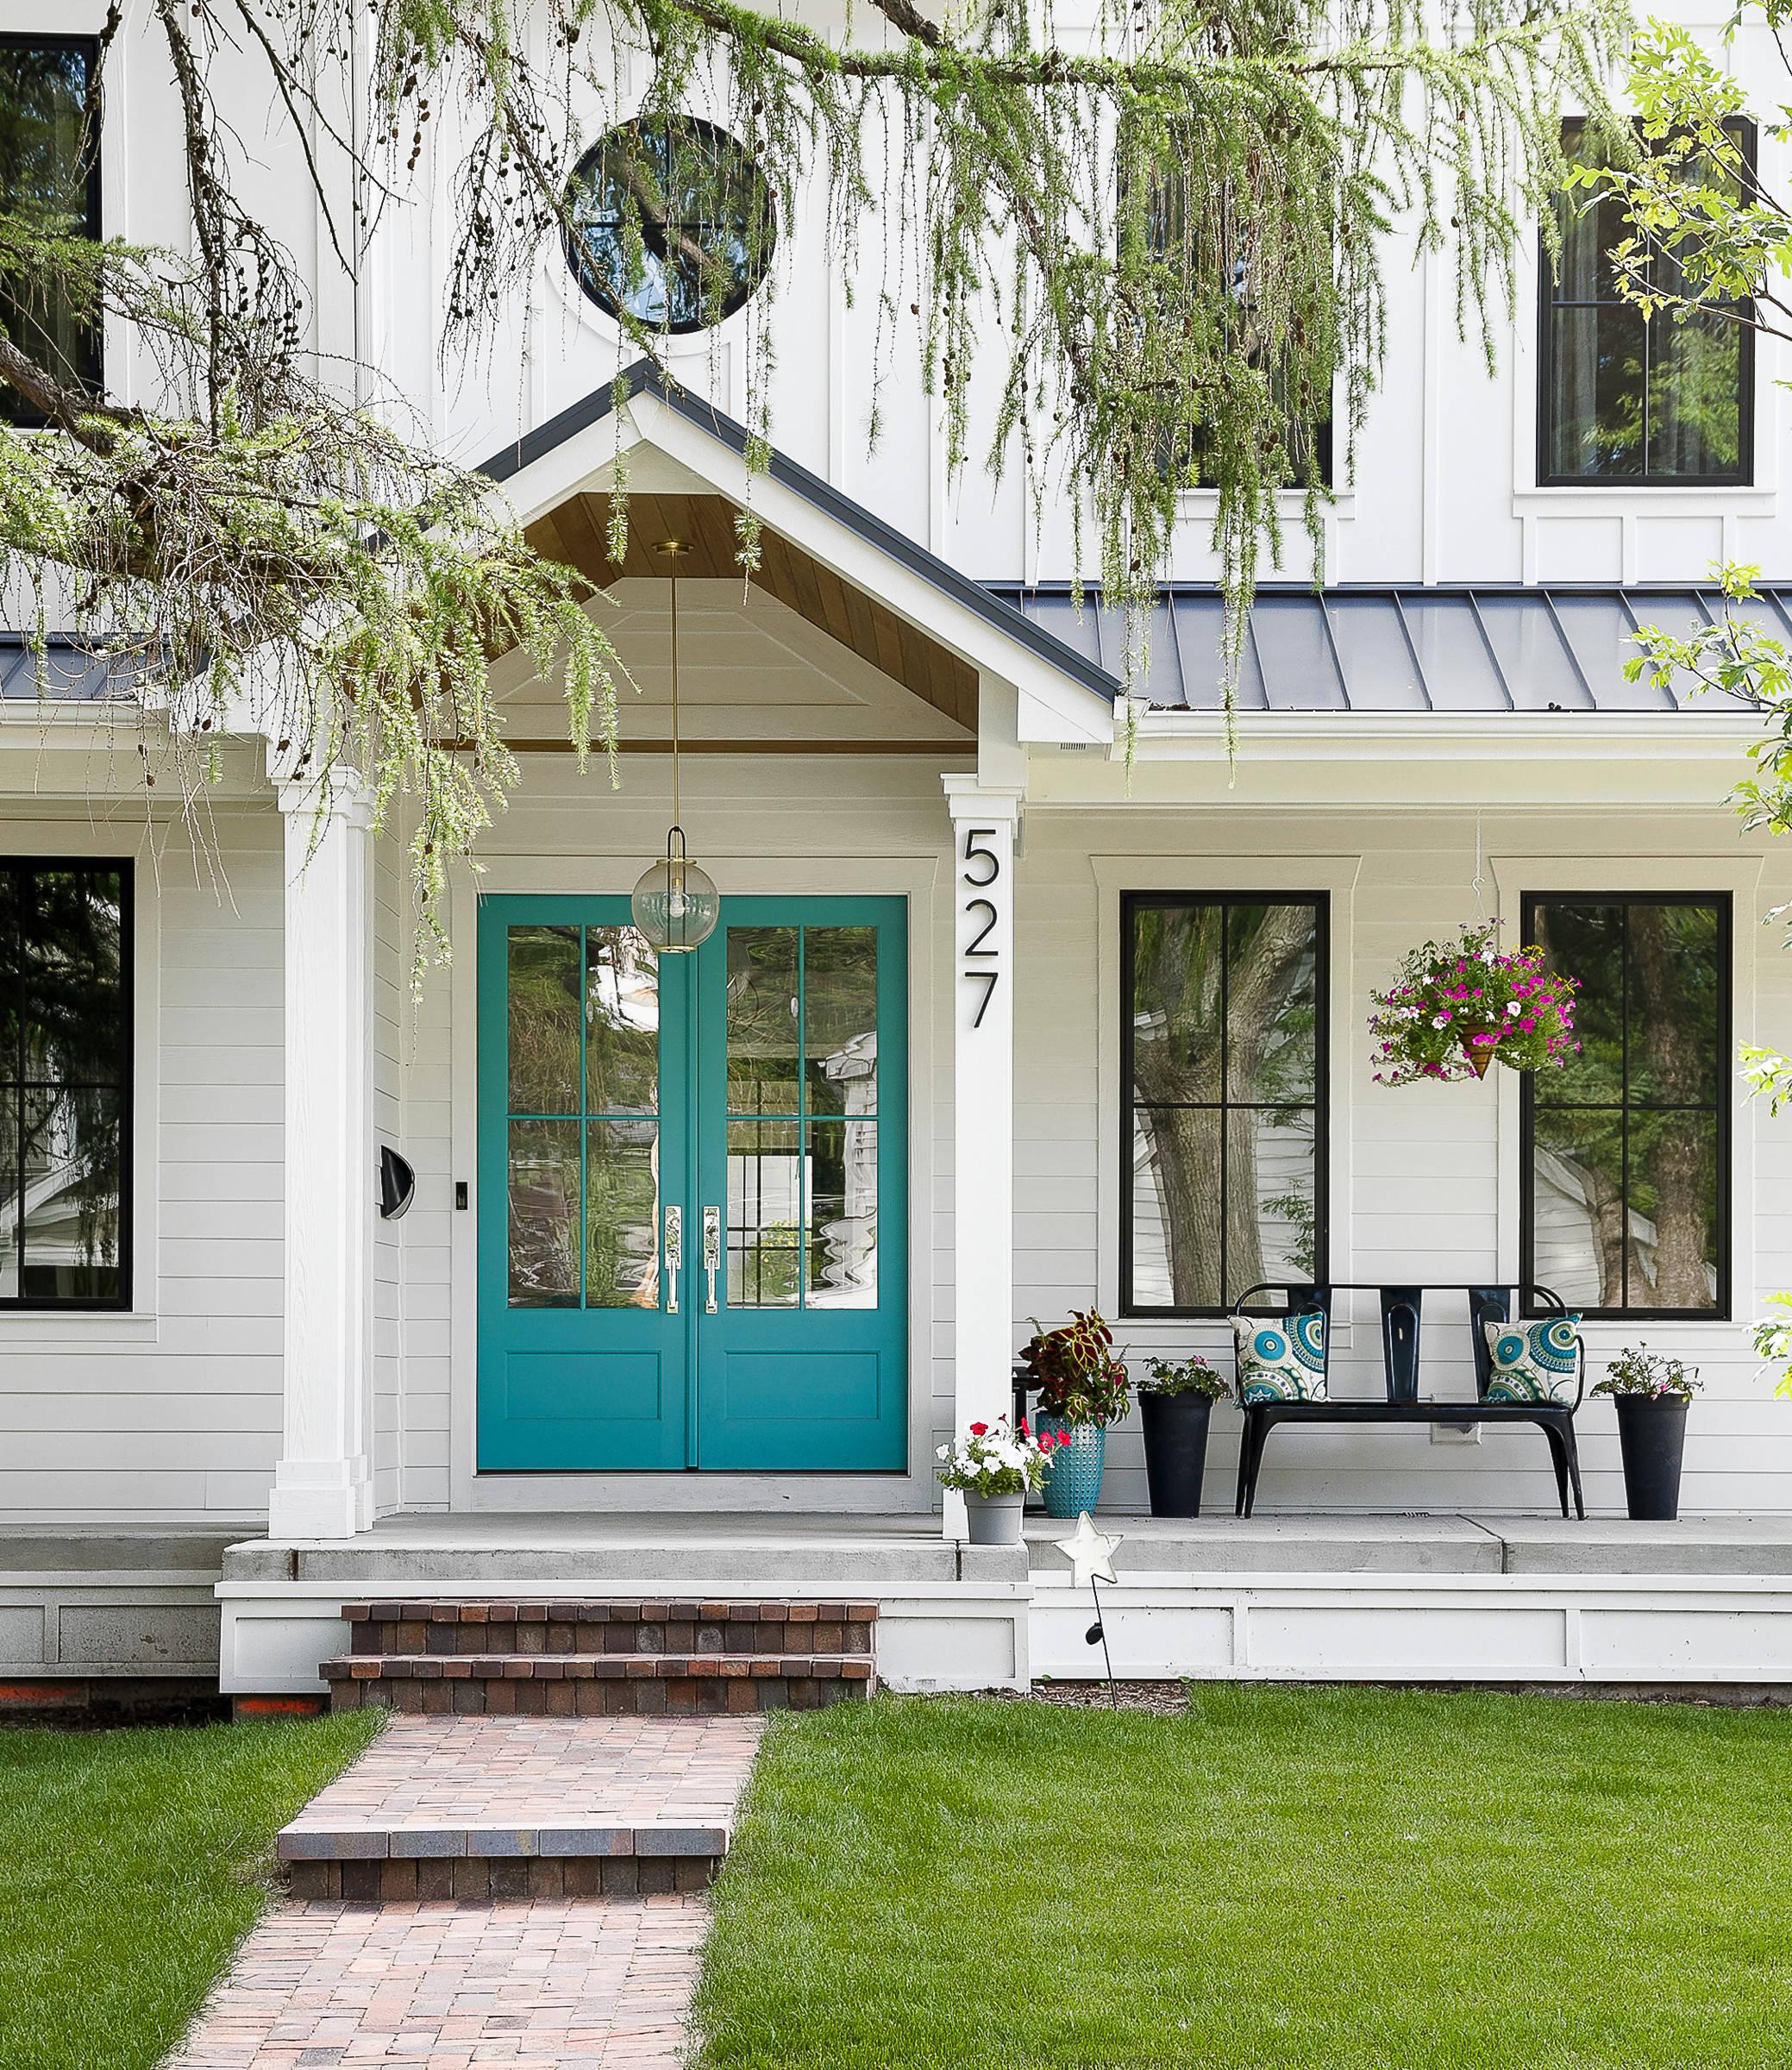 75 Beautiful Concrete Porch Pictures Ideas March 2021 Houzz